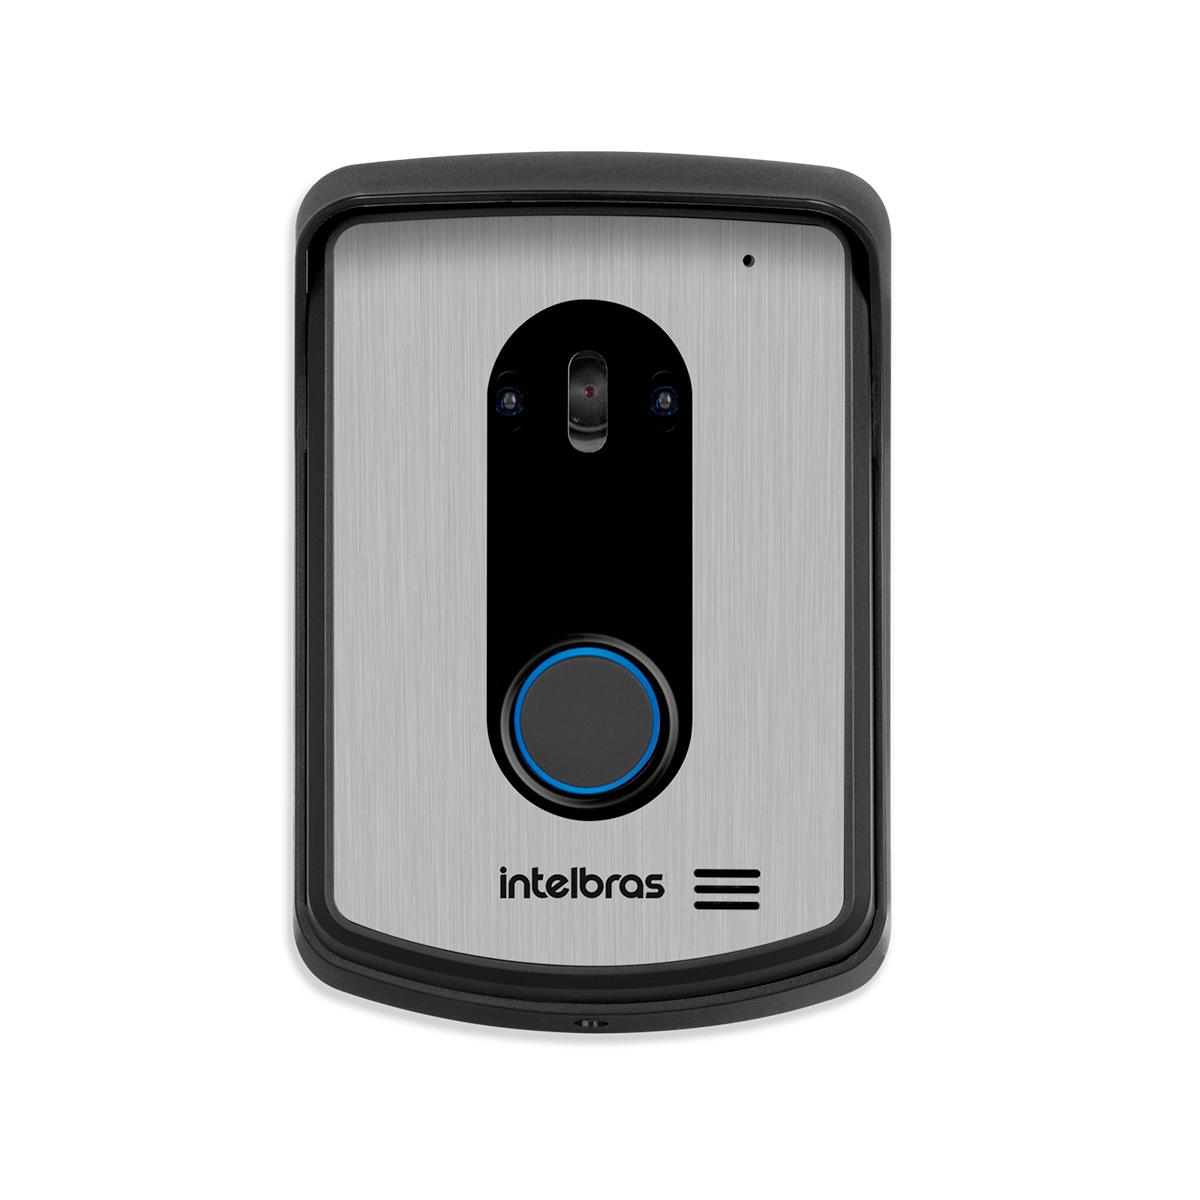 Video Porteiro Intelbras IV 4010 HS